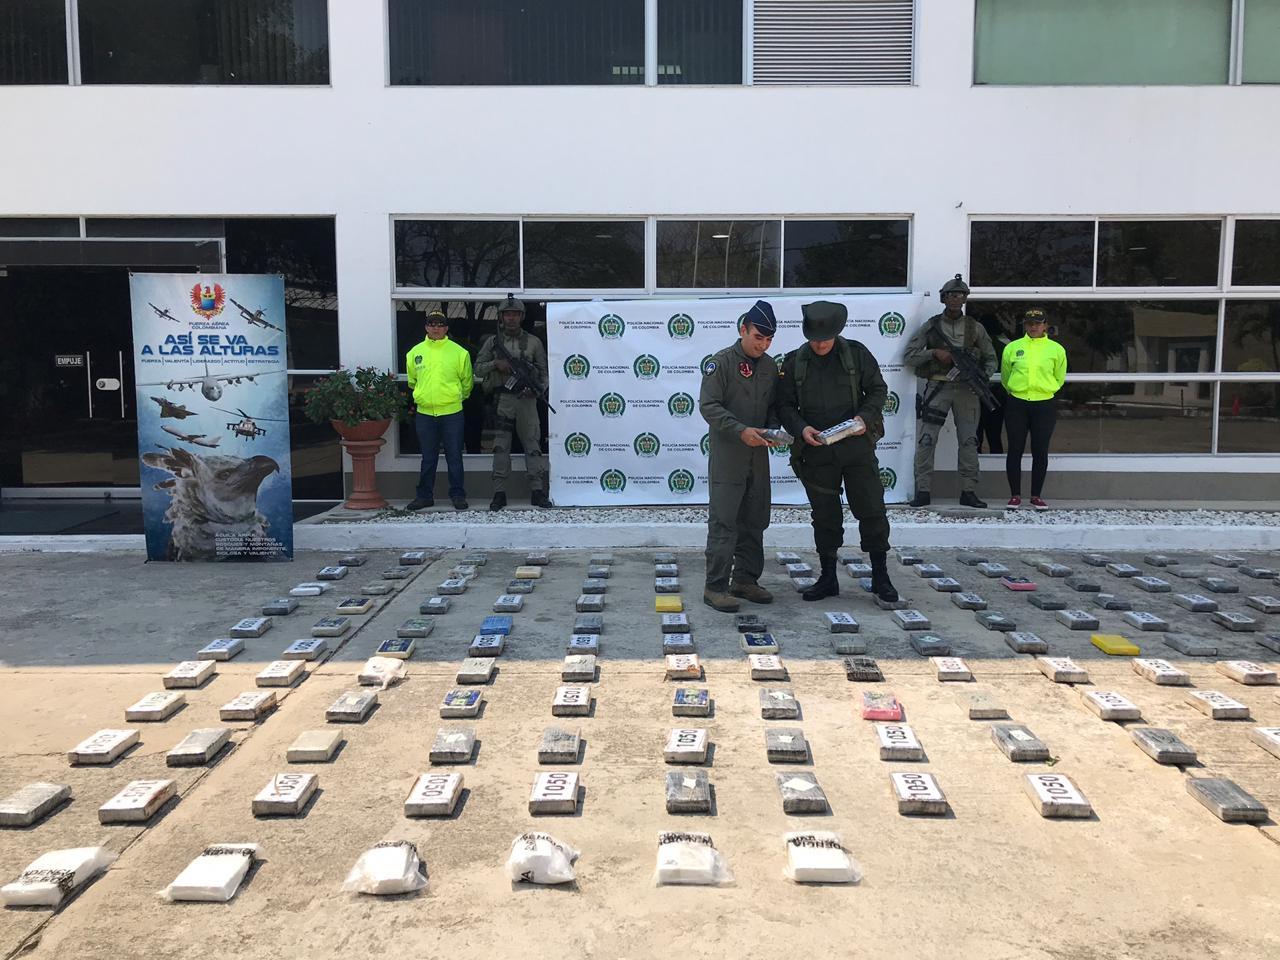 Esta operación se logró gracias al trabajo coordinado con la Policía Nacional e interagencial con la Fiscalía General de la Nación.